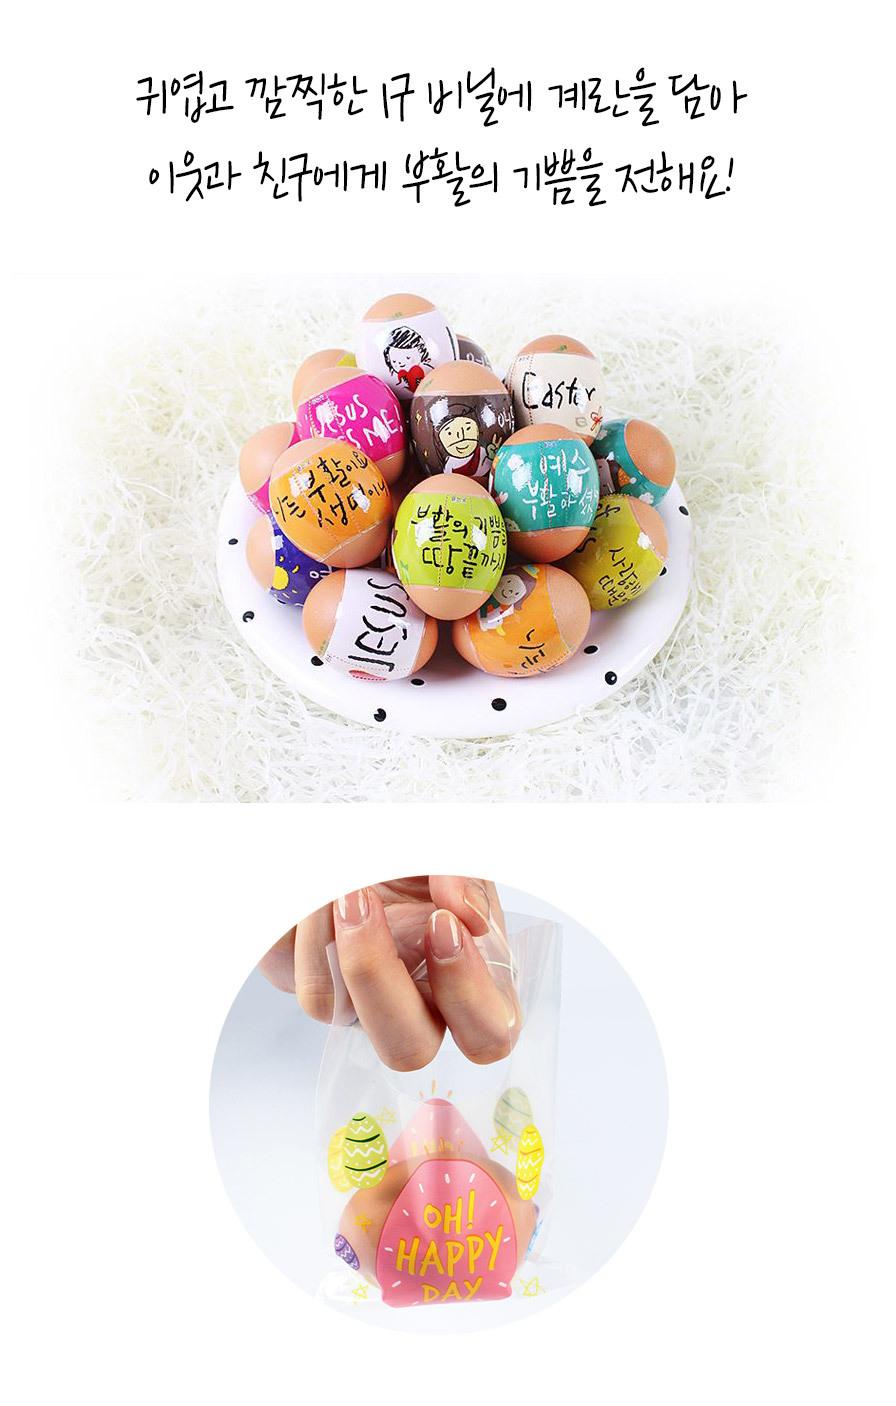 부활절 교회선물 포장재 1구 손잡이비닐 - 4.오해피데이에 계란을 담아 부활의 기쁨을 전해요